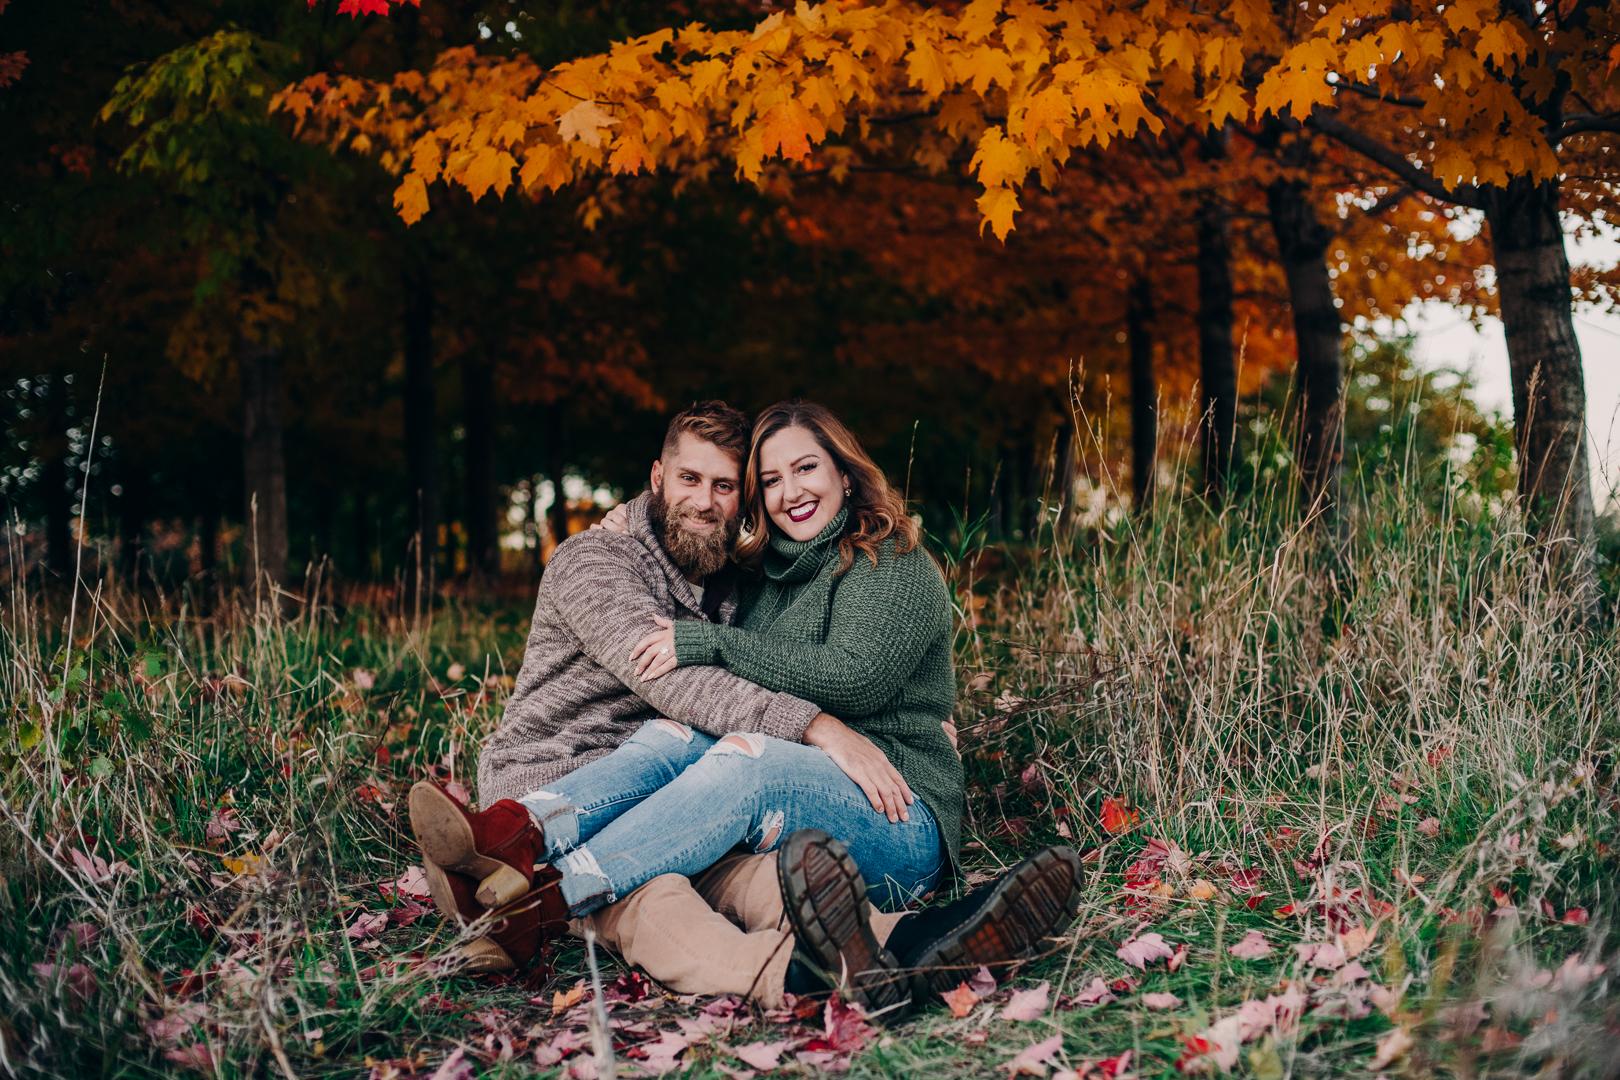 TerraSuraPhotography-Danielle & Ryan Engagemen-Web-7938.jpg